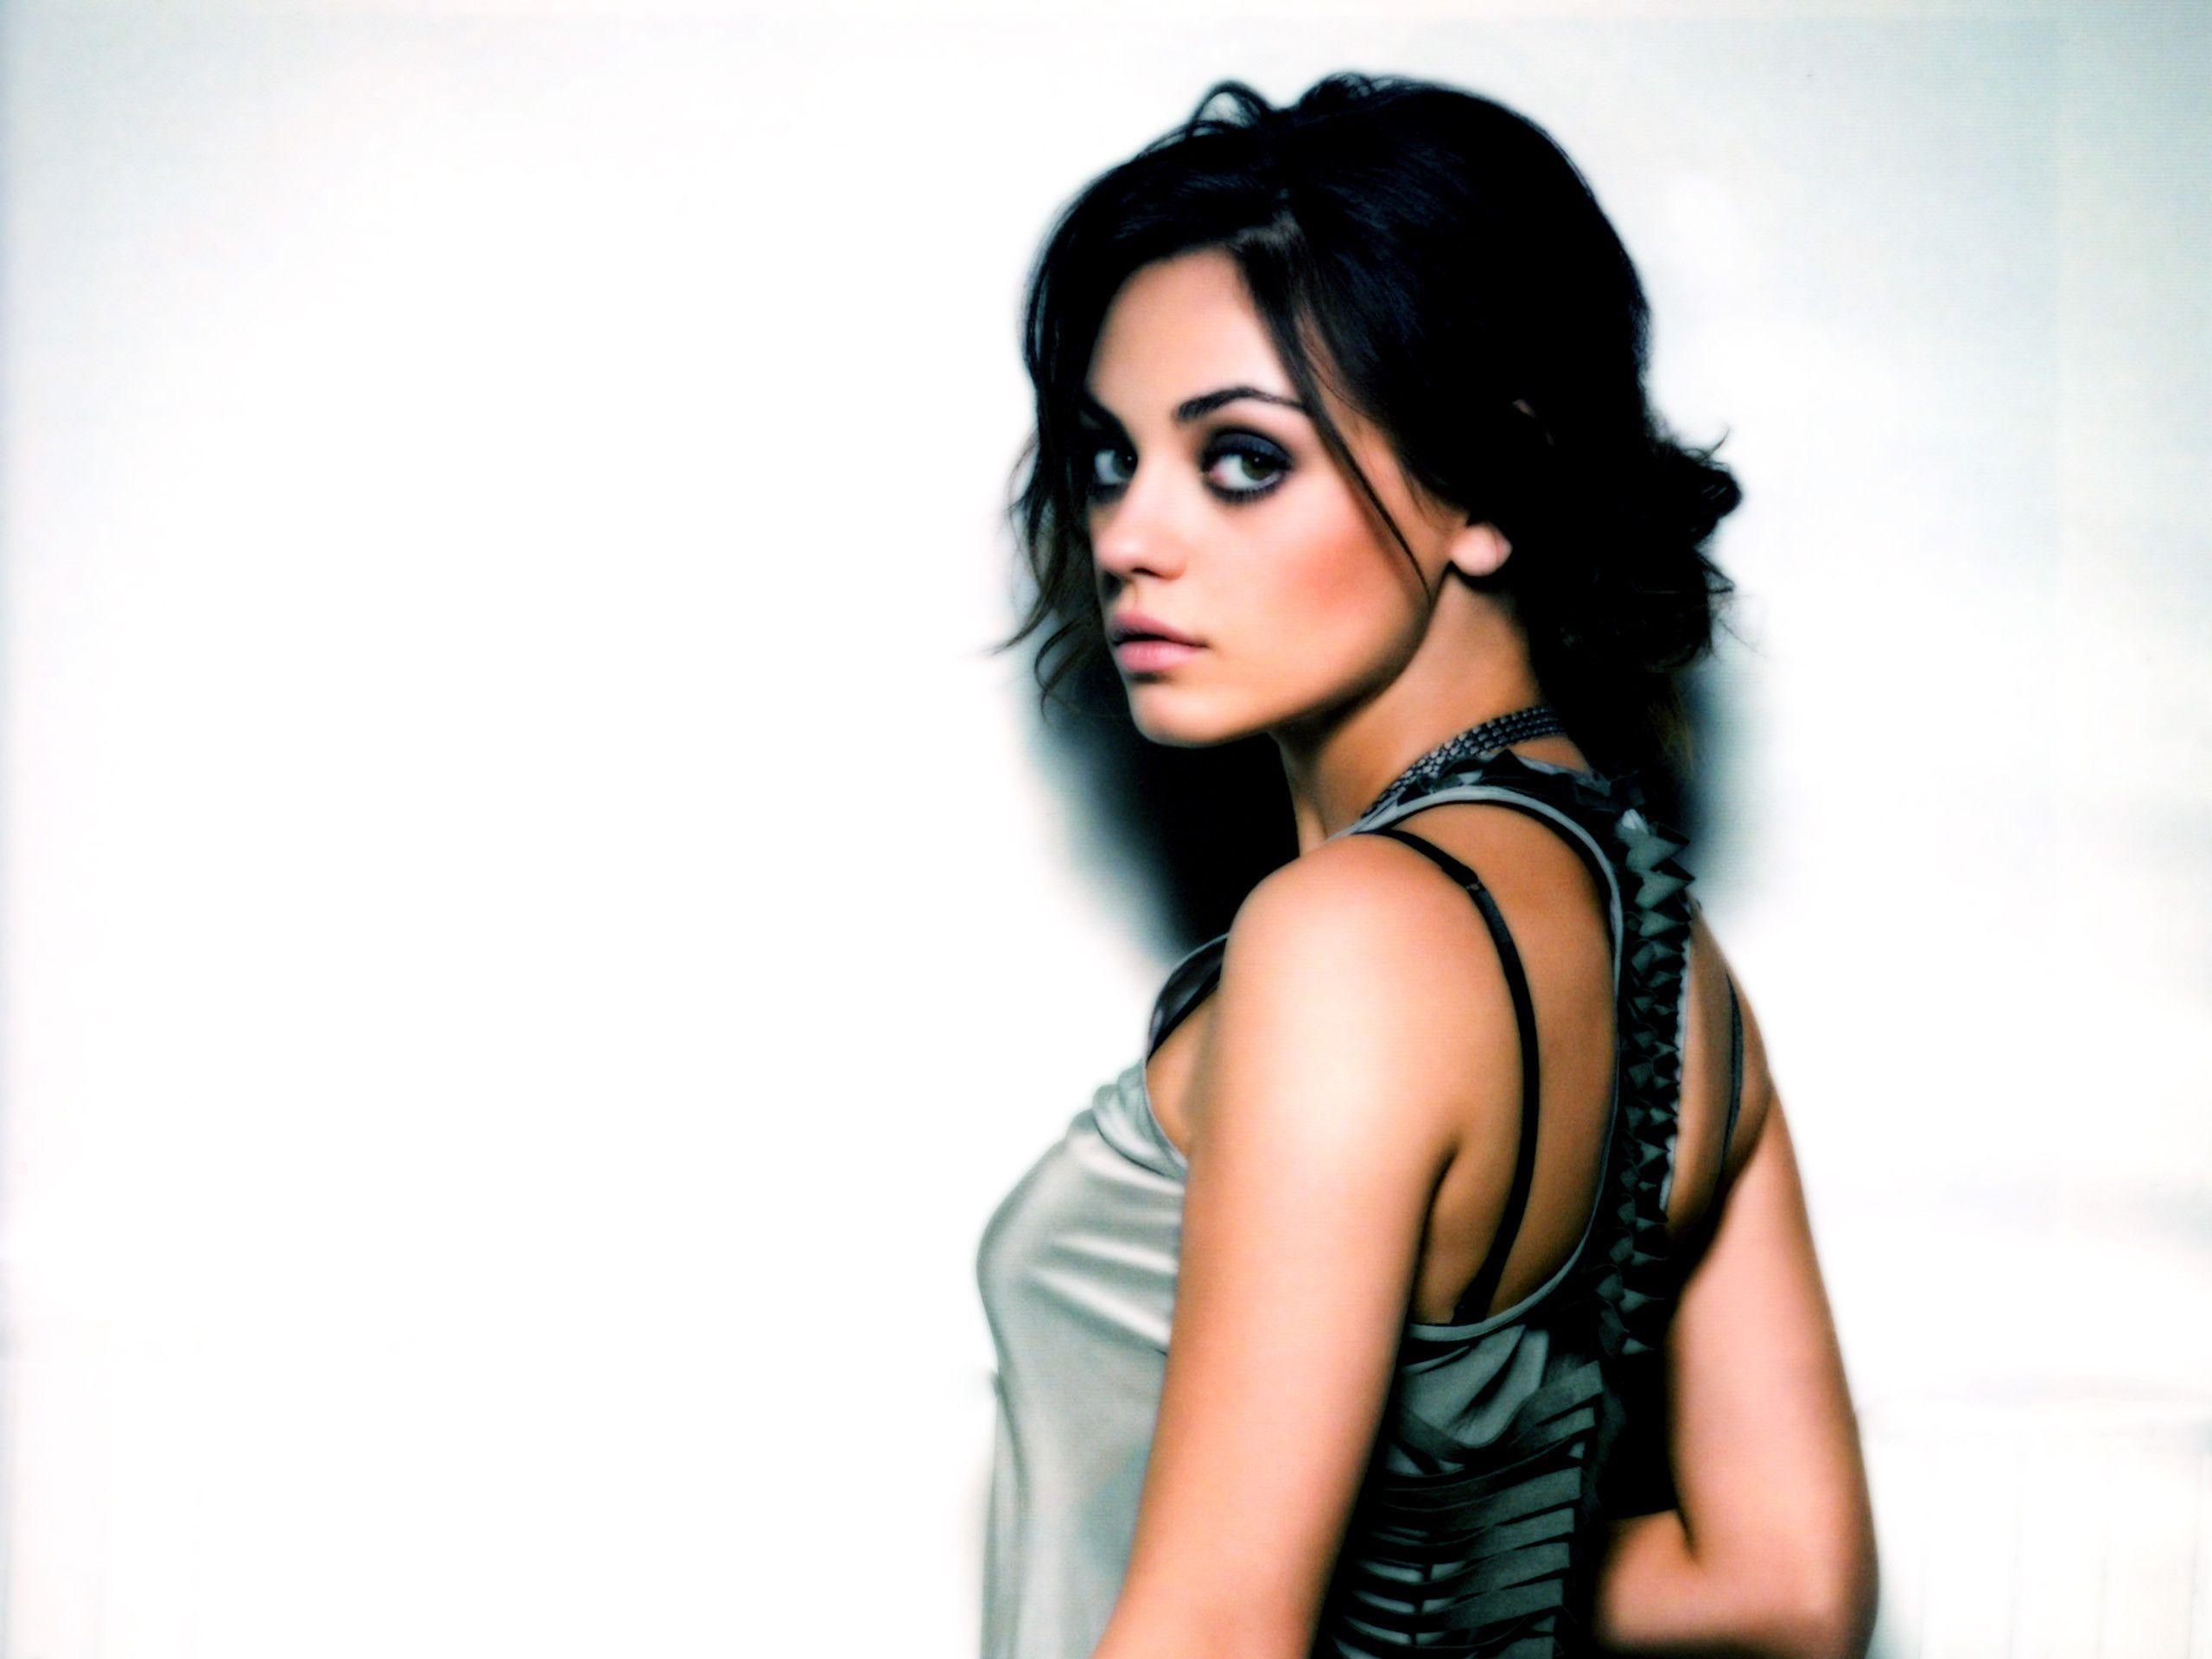 Mila Kunis Actress Exclusive HD Wallpapers #5061